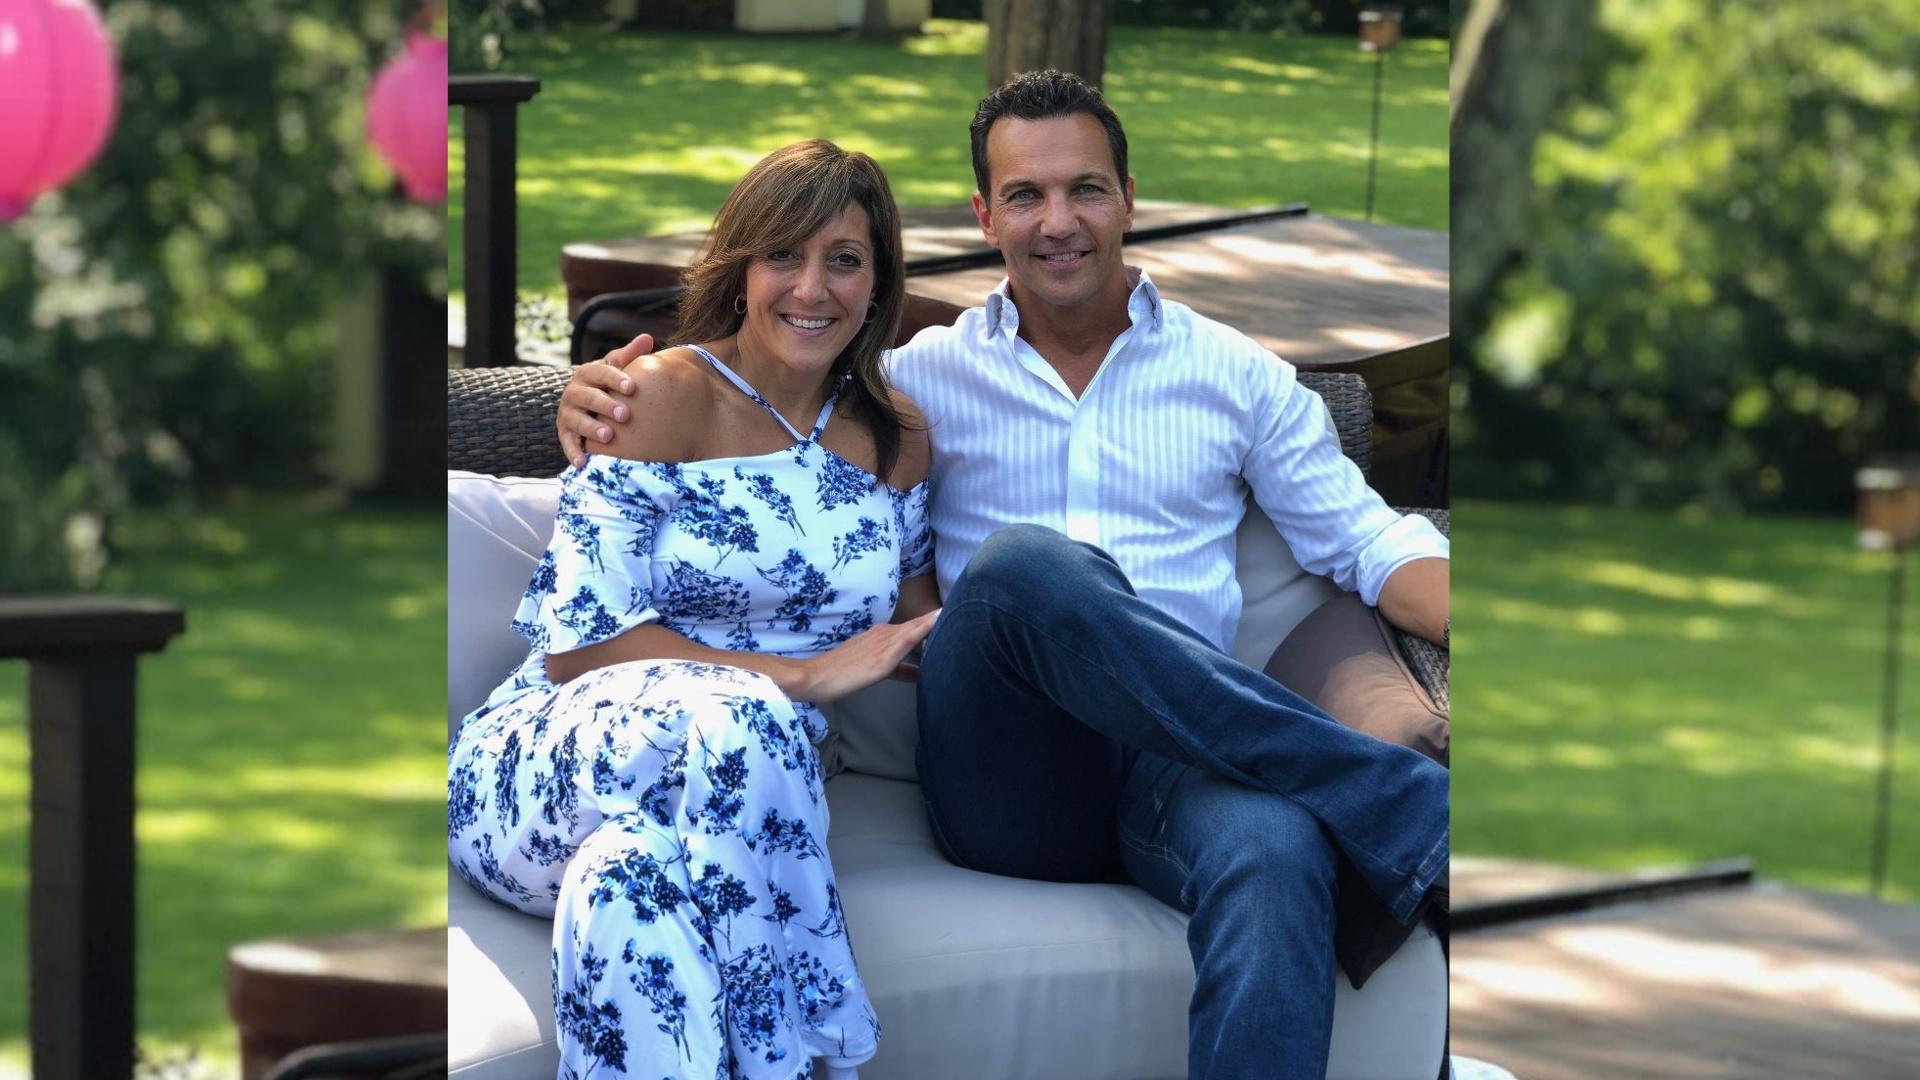 Dr. Jill & Marcello Pedalino